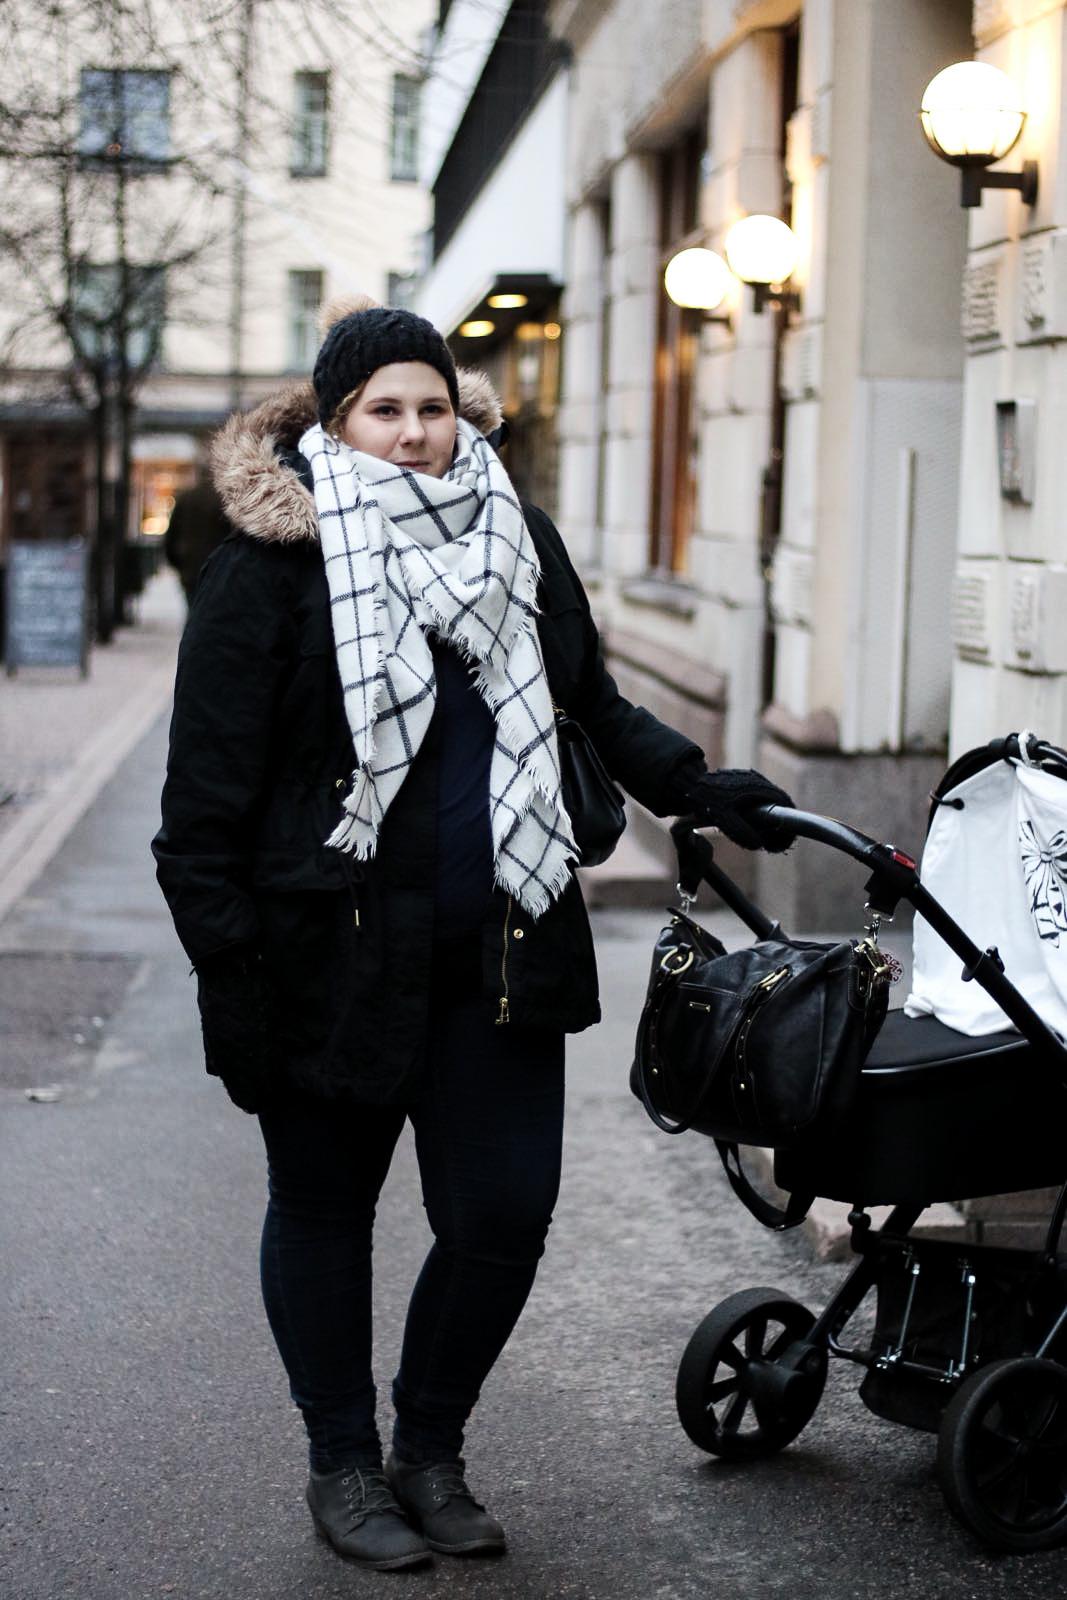 parkatakki, musta, talvi, pukeutuminen, tyyli, muoti, Pinja Tuominen